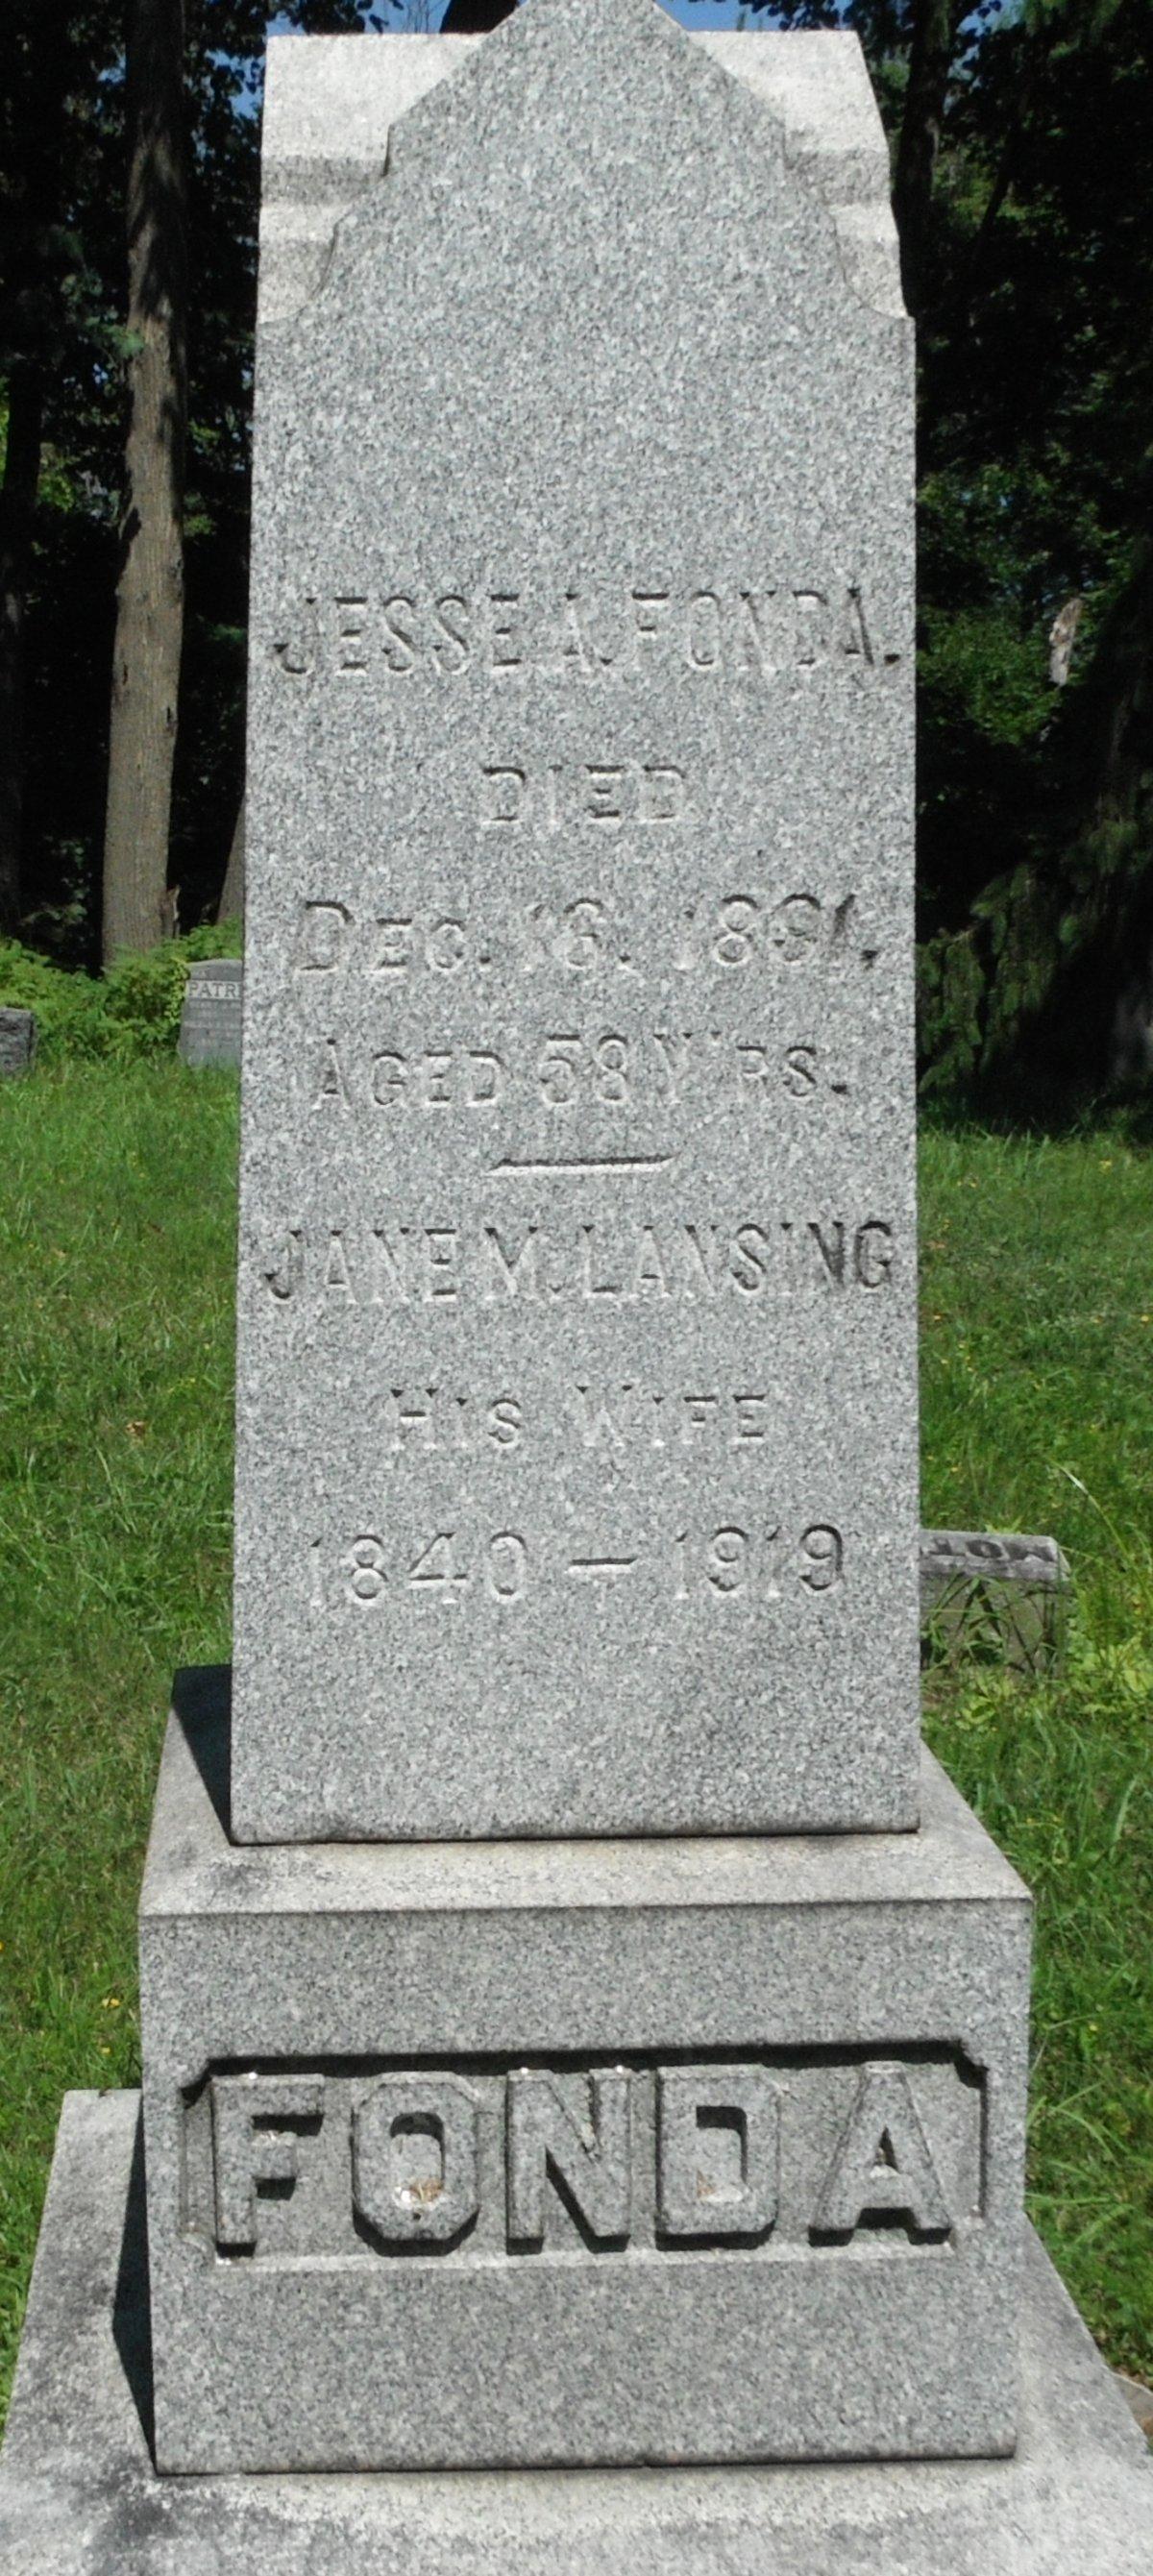 Jesse A. Fonda